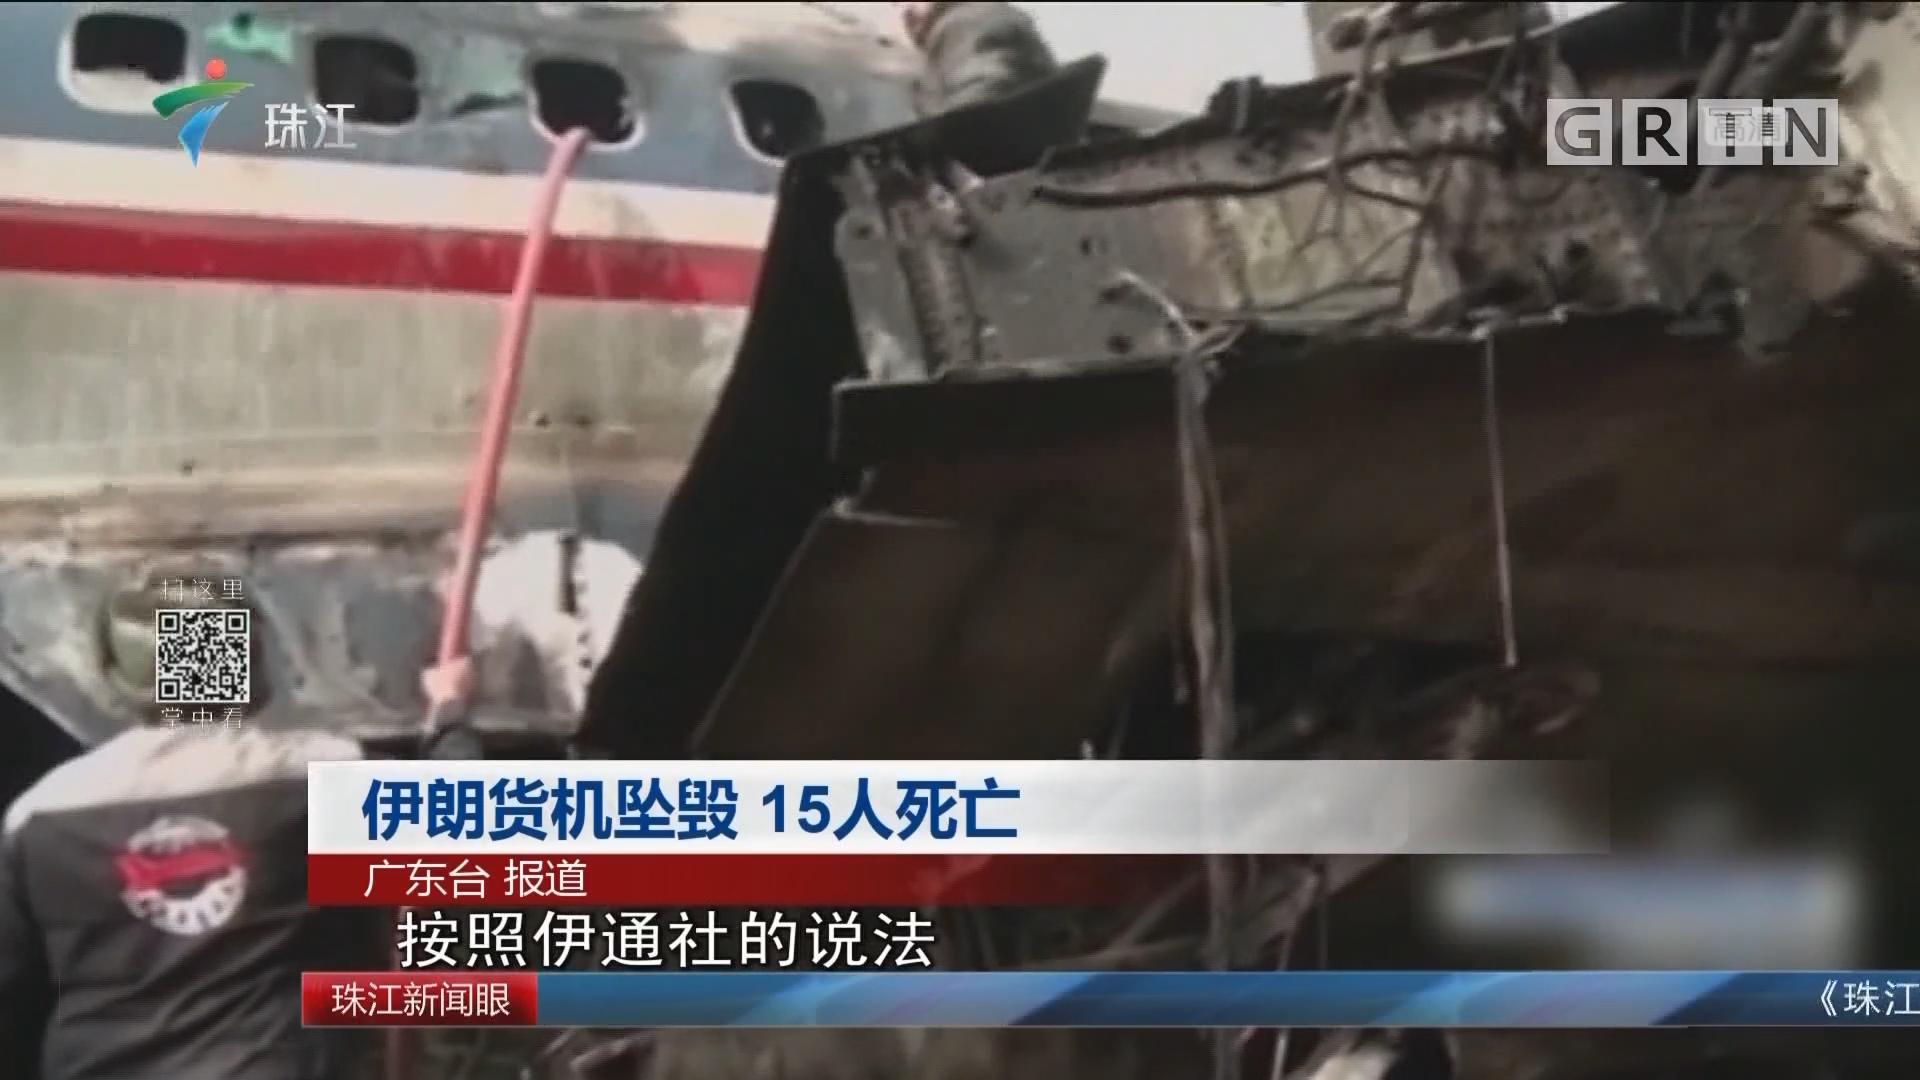 伊朗货机坠毁 15人死亡